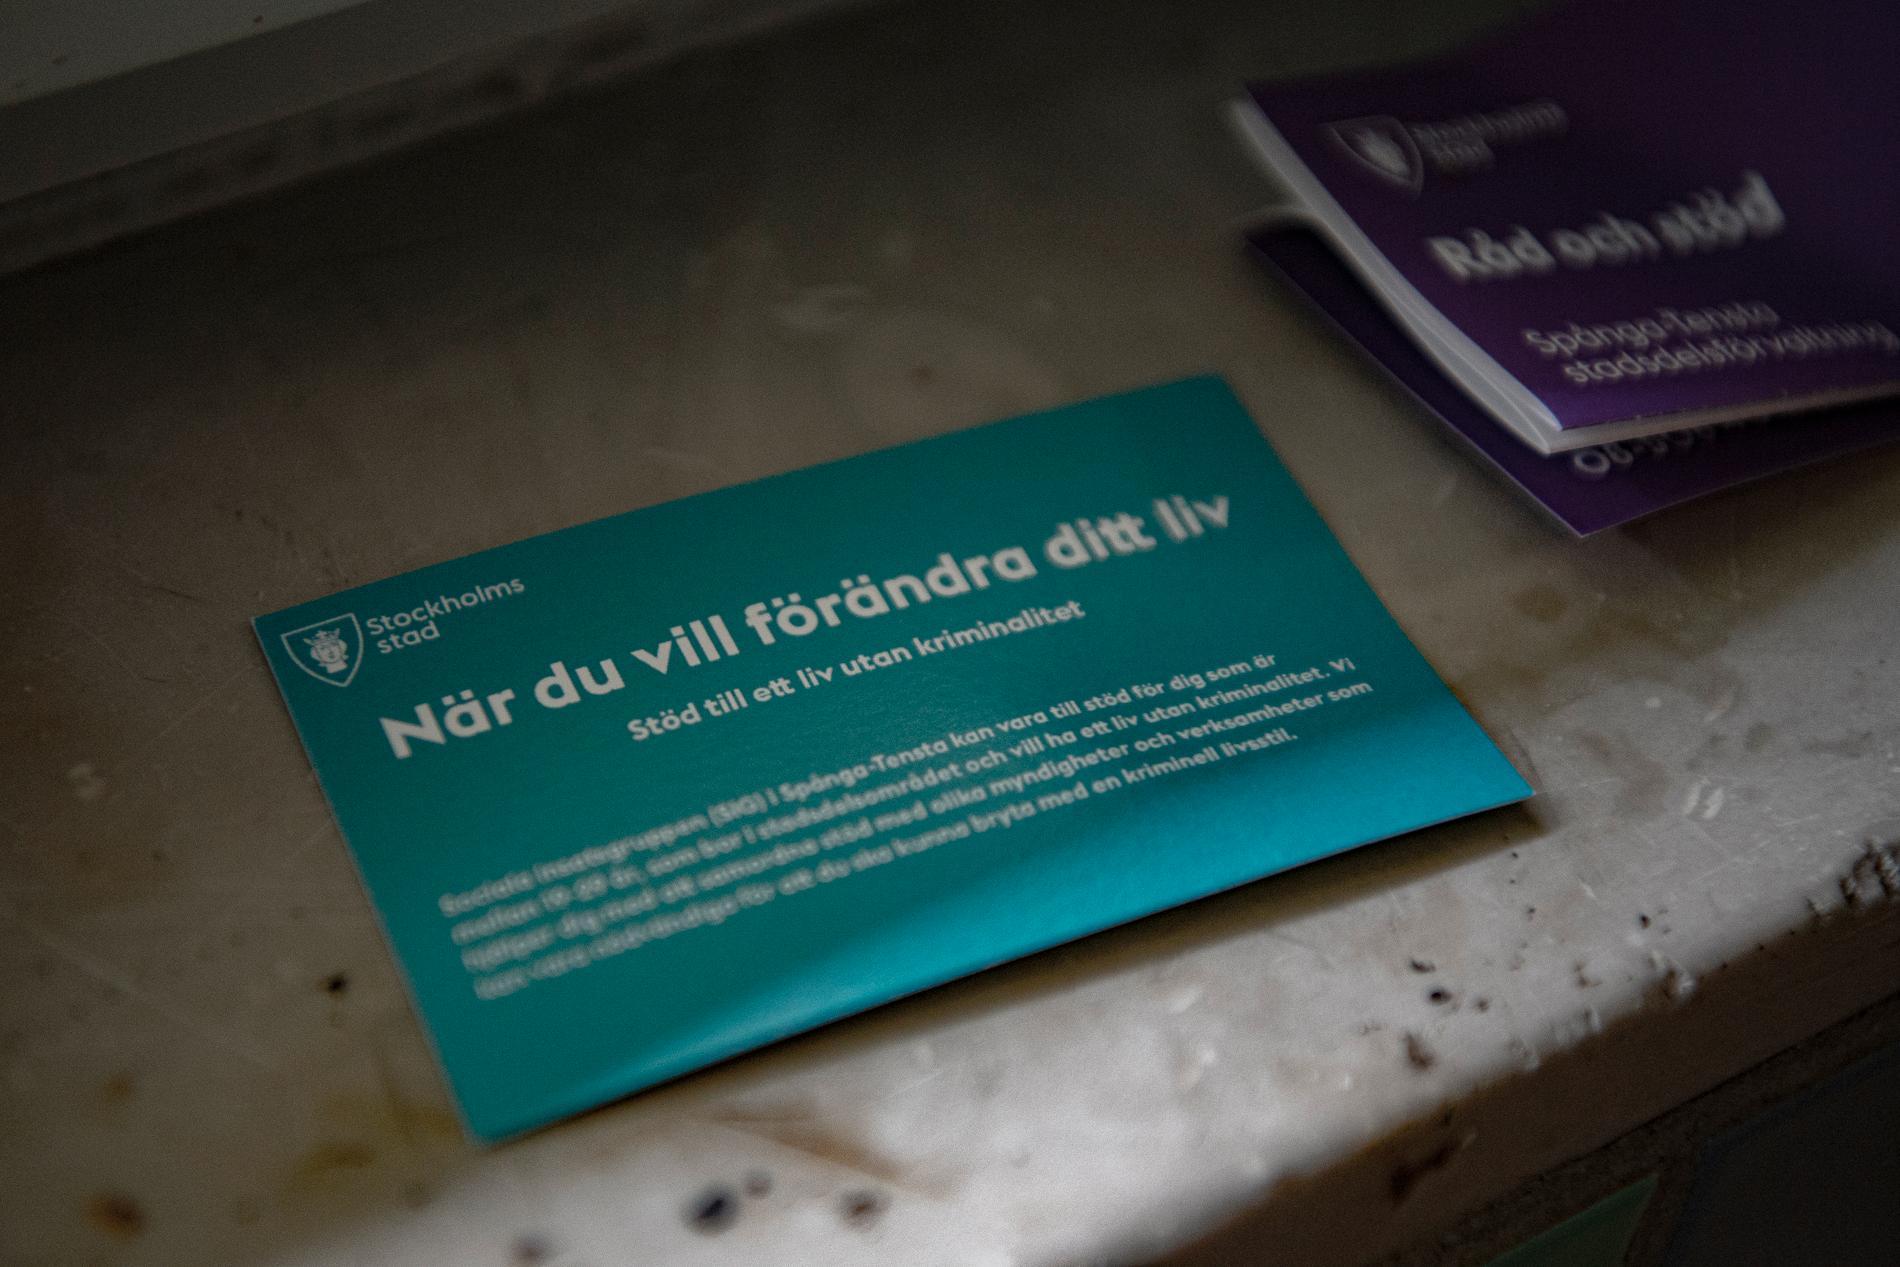 """I en fönsternisch ligger en broschyr från Stockholm stad. """"När du vill förändra ditt liv - stöd till ett liv utan kriminalitet""""."""